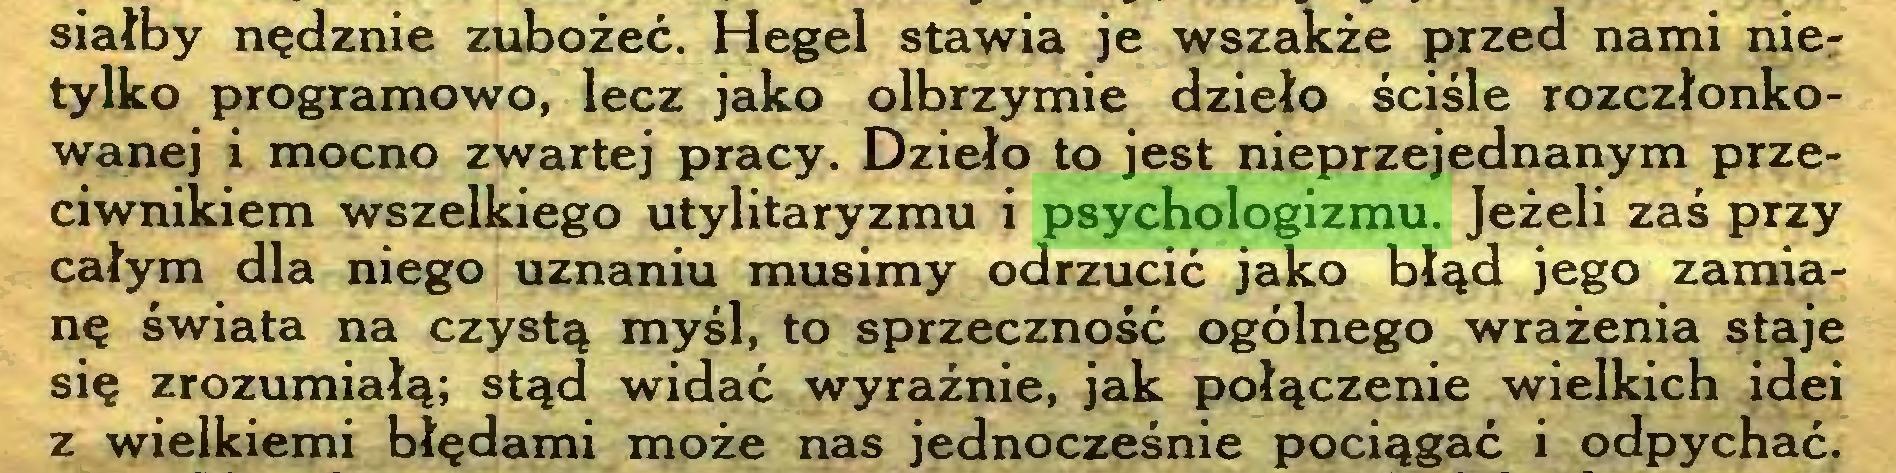 (...) siałby nędznie zubożeć. Hegel stawia je wszakże przed nami nier tylko programowo, lecz jako olbrzymie dzieło ściśle rozczłonkowanej i mocno zwartej pracy. Dzieło to jest nieprzejednanym przeciwnikiem wszelkiego utylitaryzmu i psychologizmu. Jeżeli zaś przy całym dla niego uznaniu musimy odrzucić jako błąd jego zamianę świata na czystą myśl, to sprzeczność ogólnego wrażenia staje się zrozumiałą; stąd widać wyraźnie, jak połączenie wielkich idei z wielkiemi błędami może nas jednocześnie pociągać i odpychać...